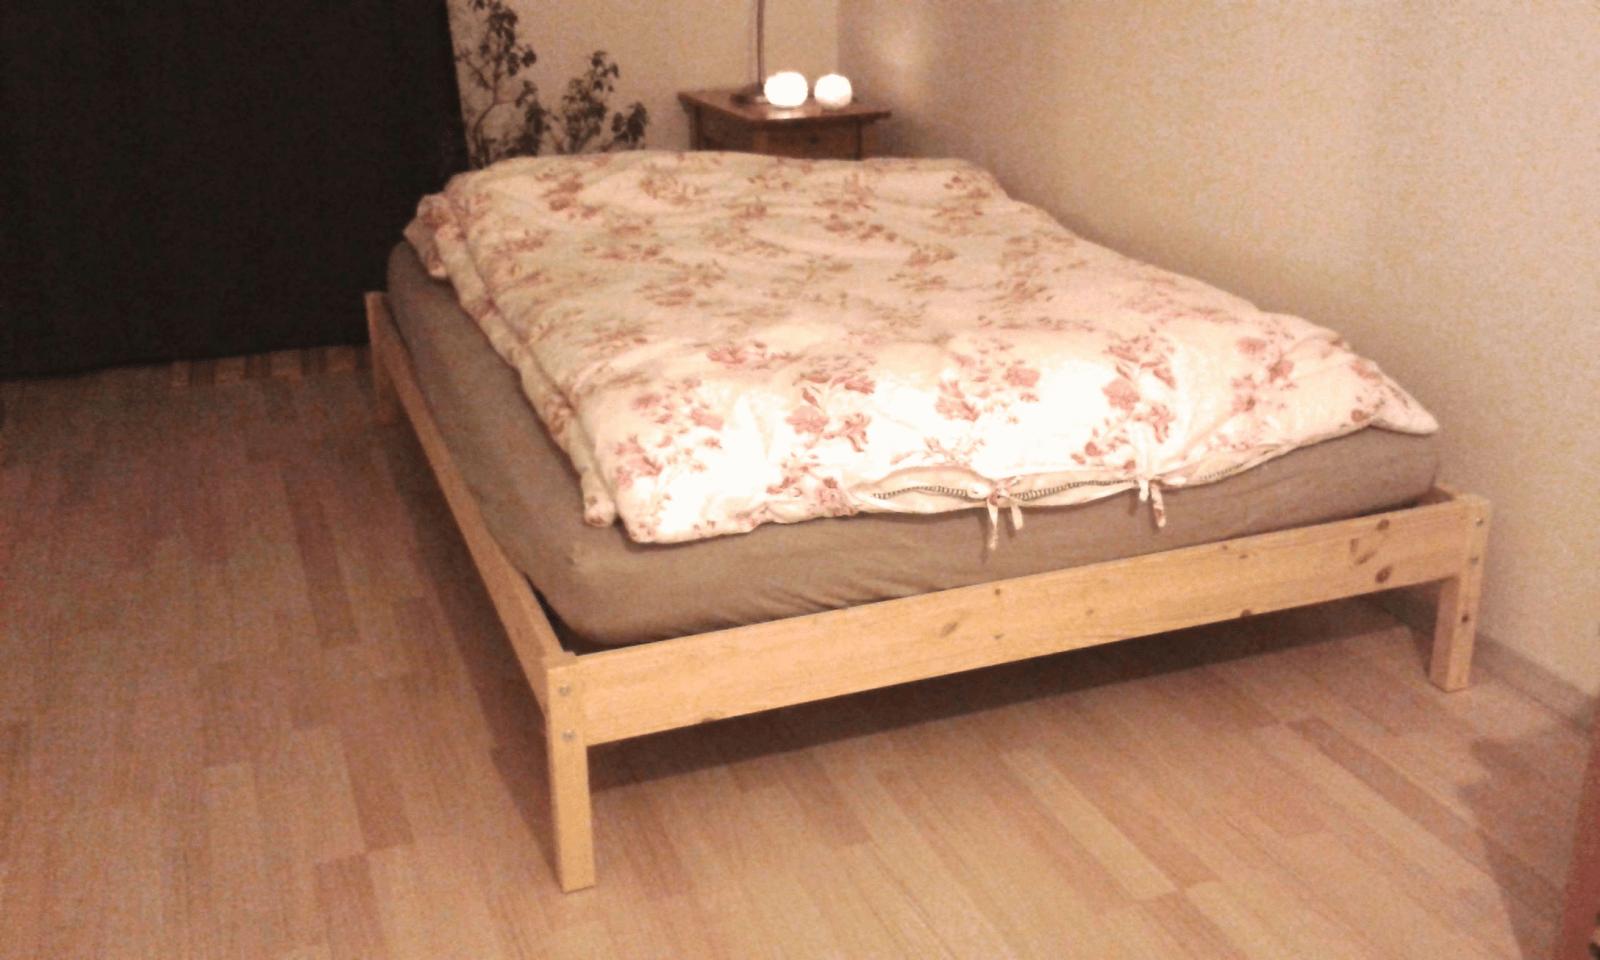 34 Kollektion Bett Rückwand Selber Bauen Grafik  Dekor Für Bed von Kopfteil Bett Selber Machen Ikea Bild